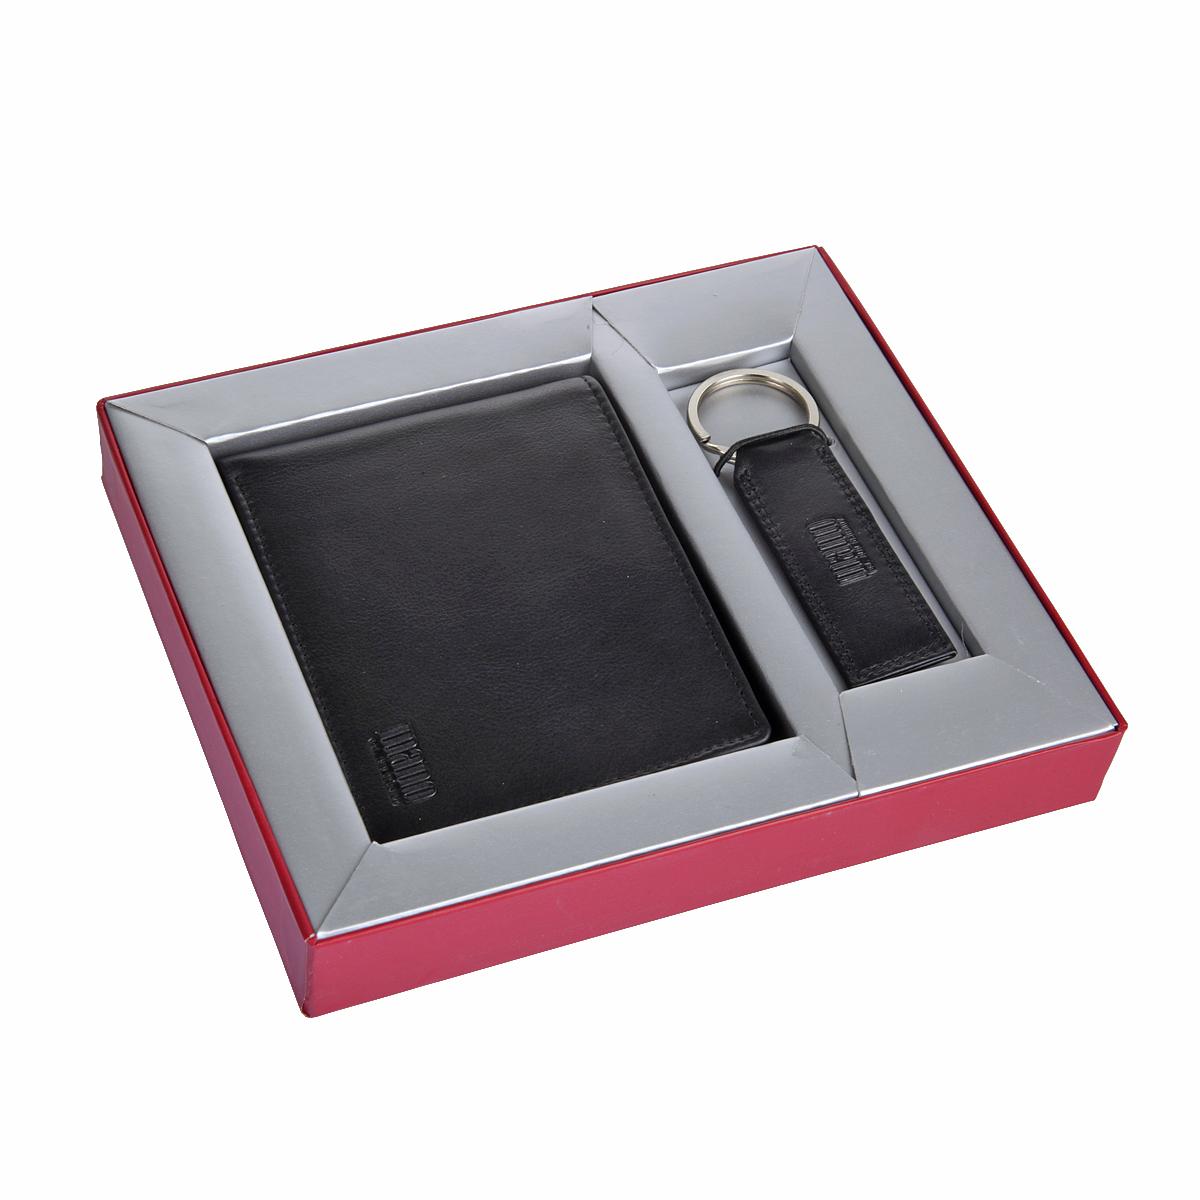 Комплект Mano, цвет: черный. 1903119031Набор состоит из портмоне и брелка портмоне раскладывается пополам внутри два отдела для купюр карман для мелочи на кнопке потайной карман четыре кармана для документов сетчатый карман восемь кармашков для пластиковых карт 10см х 12,5см х 3см брелок оснащен кольцом для ключей 10,5см х 3см